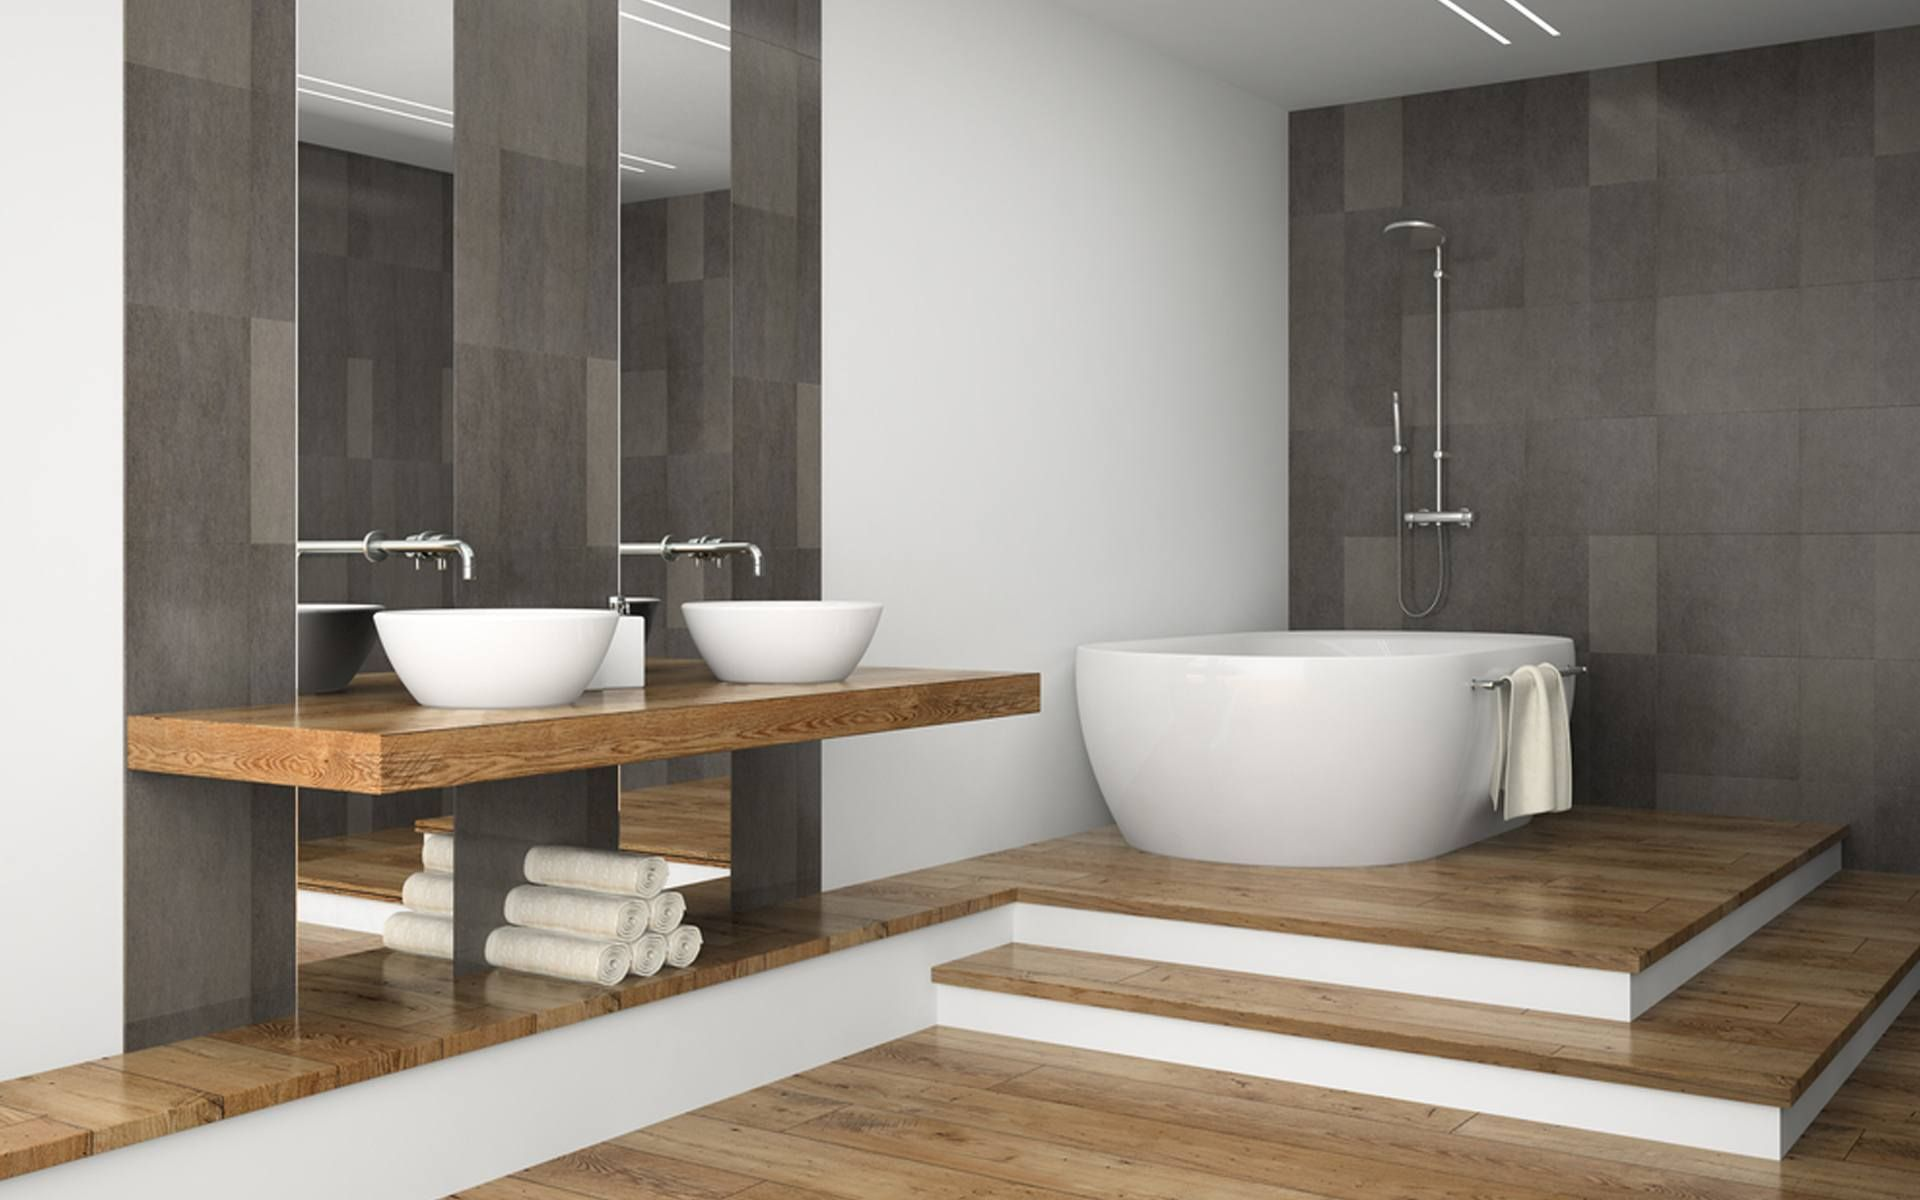 Badkamer Landelijk Modern : Afbeeldingsresultaat voor inspiratie badkamer landelijk modern